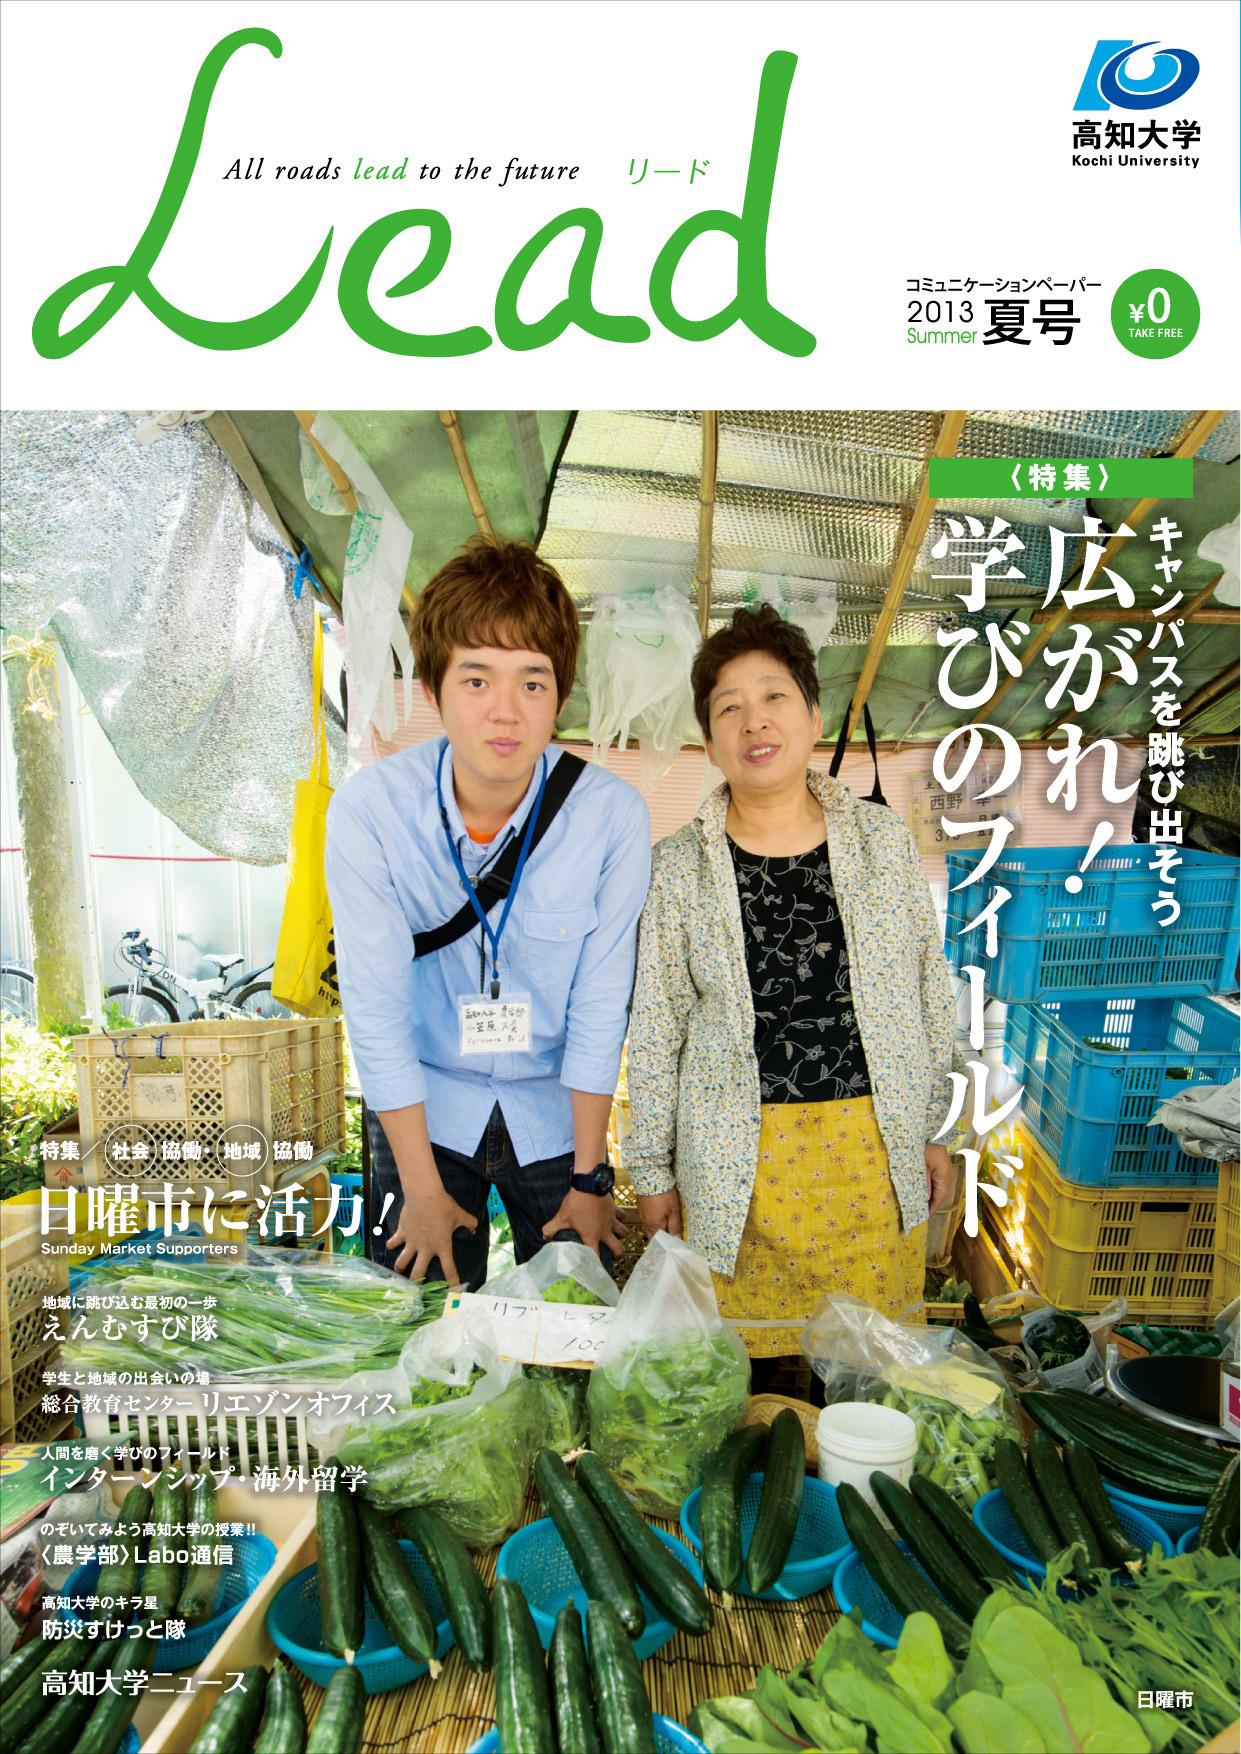 高知大学広報誌「Lead」夏号を発行しました。